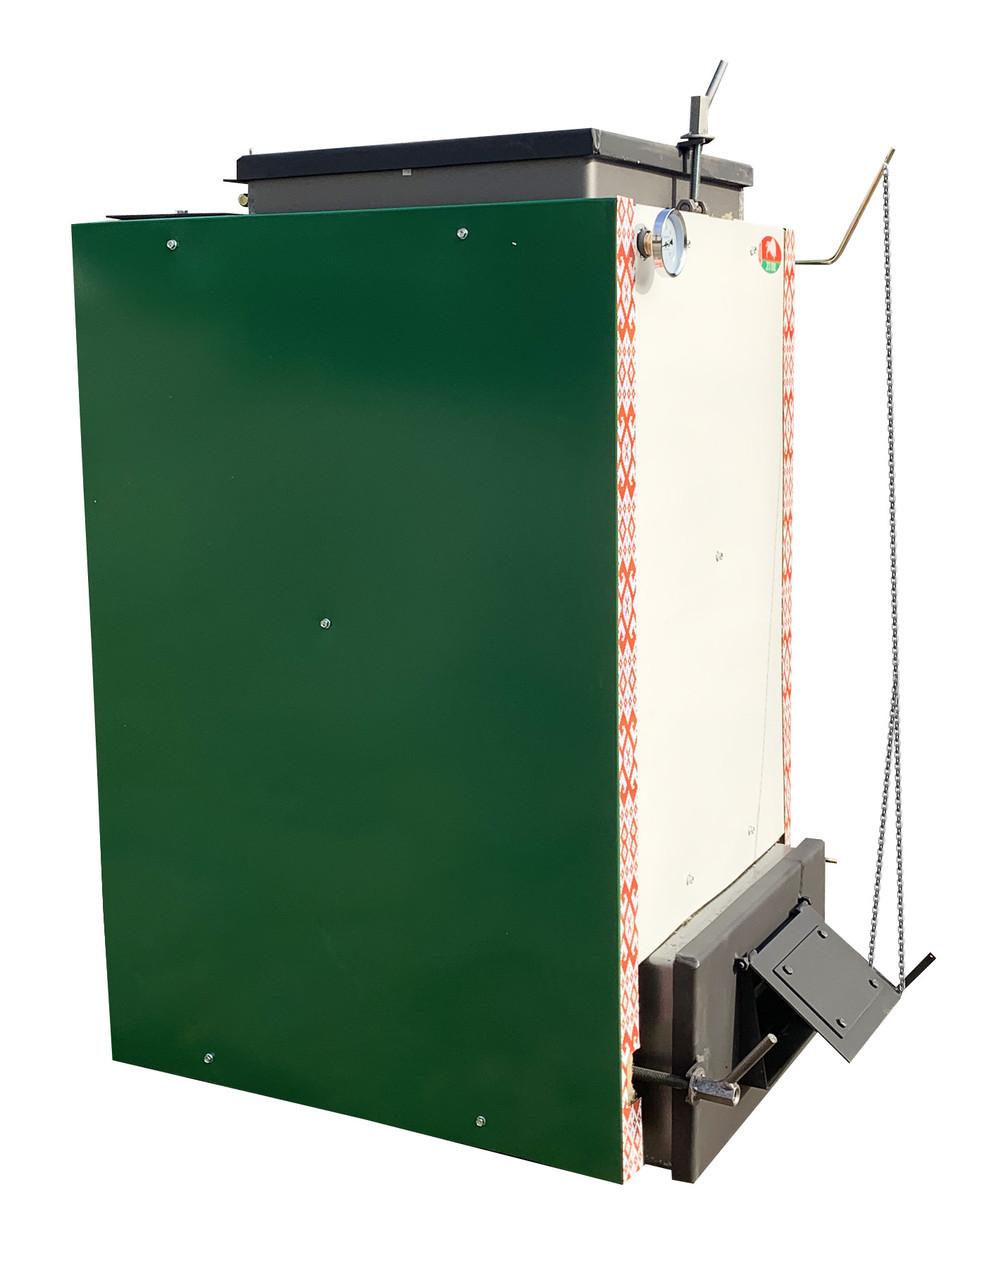 Шахтный котел Холмова Zubr-Termo - 30 кВт. Сталь 5 мм!